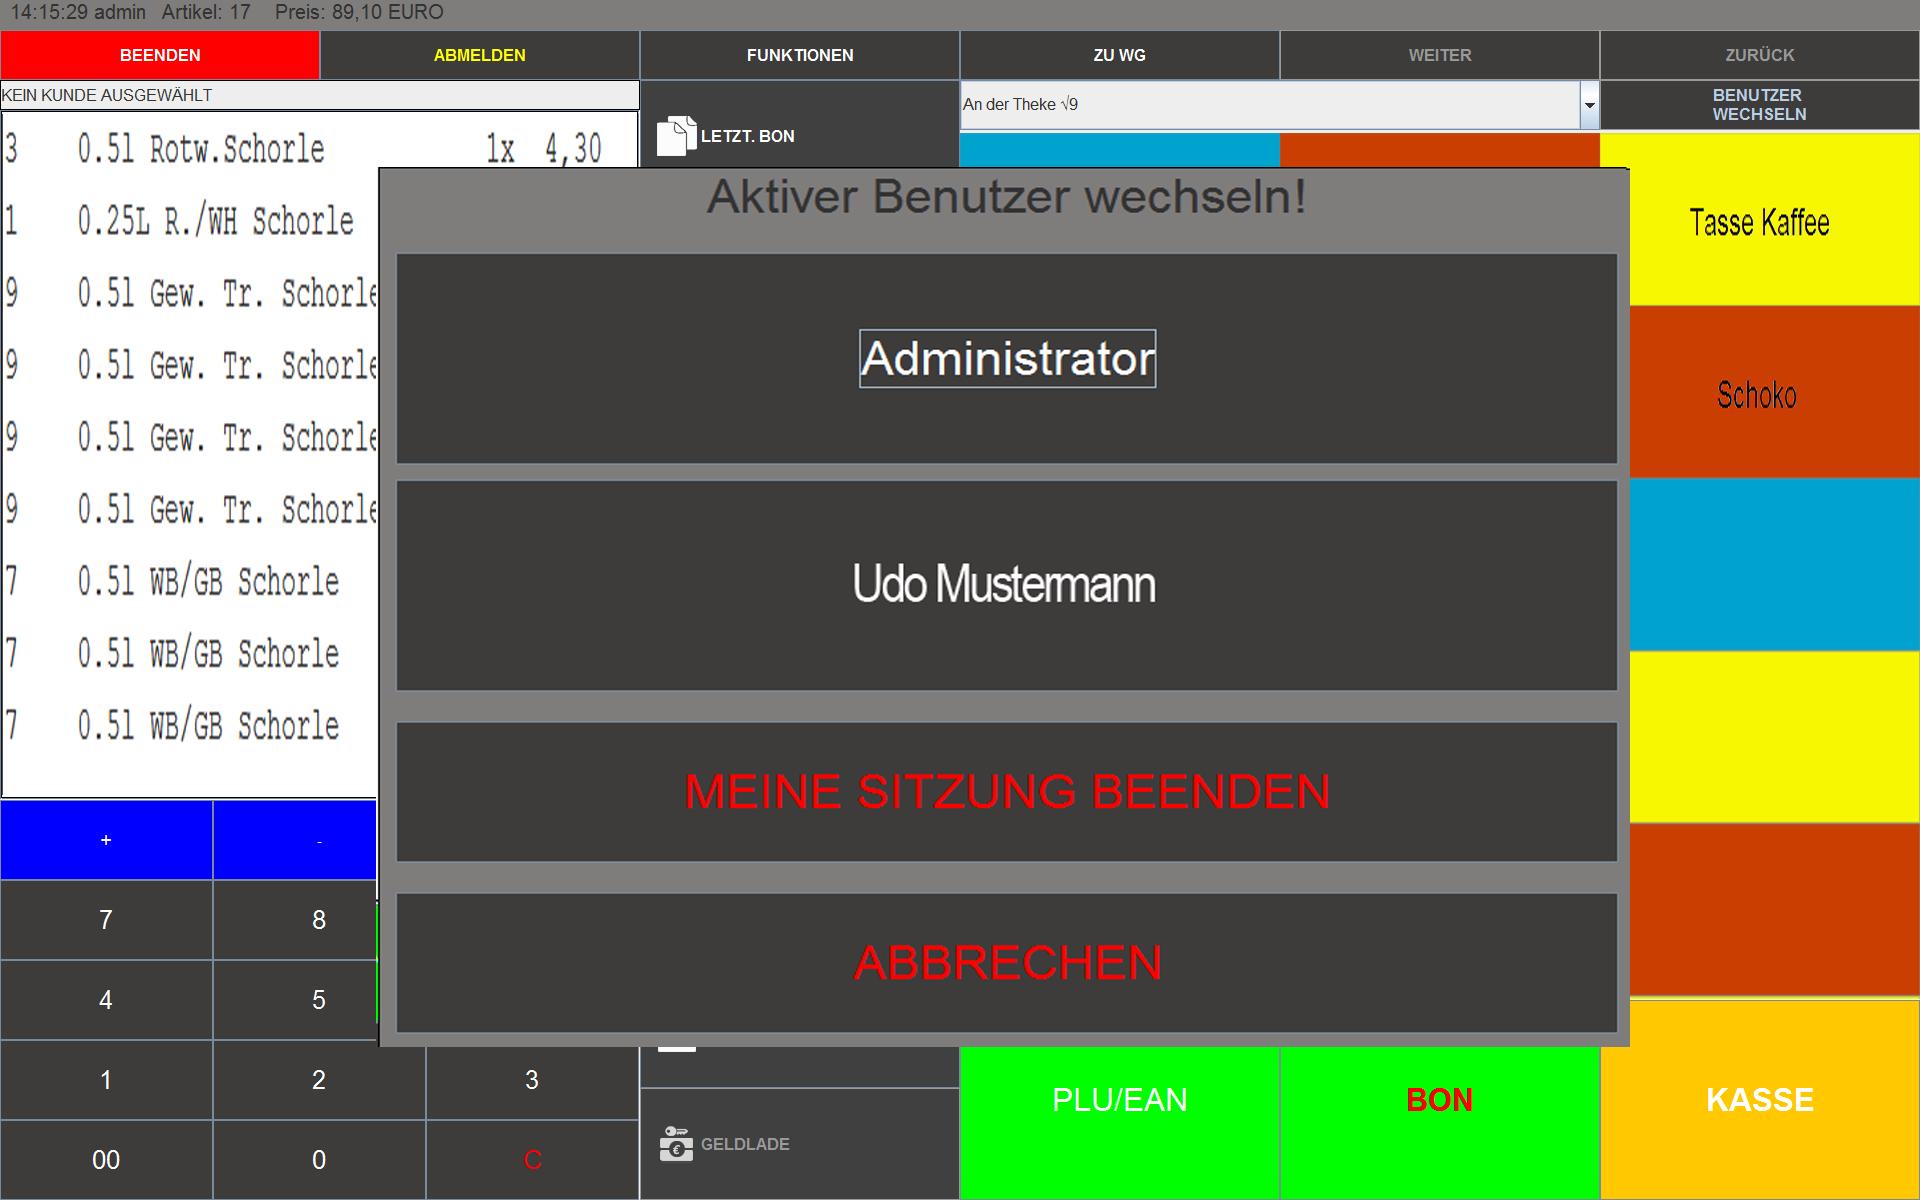 Schnelle Benutzerwechsel mit BlitzKasse Handel J(ot) Image copyright (c) 2019.